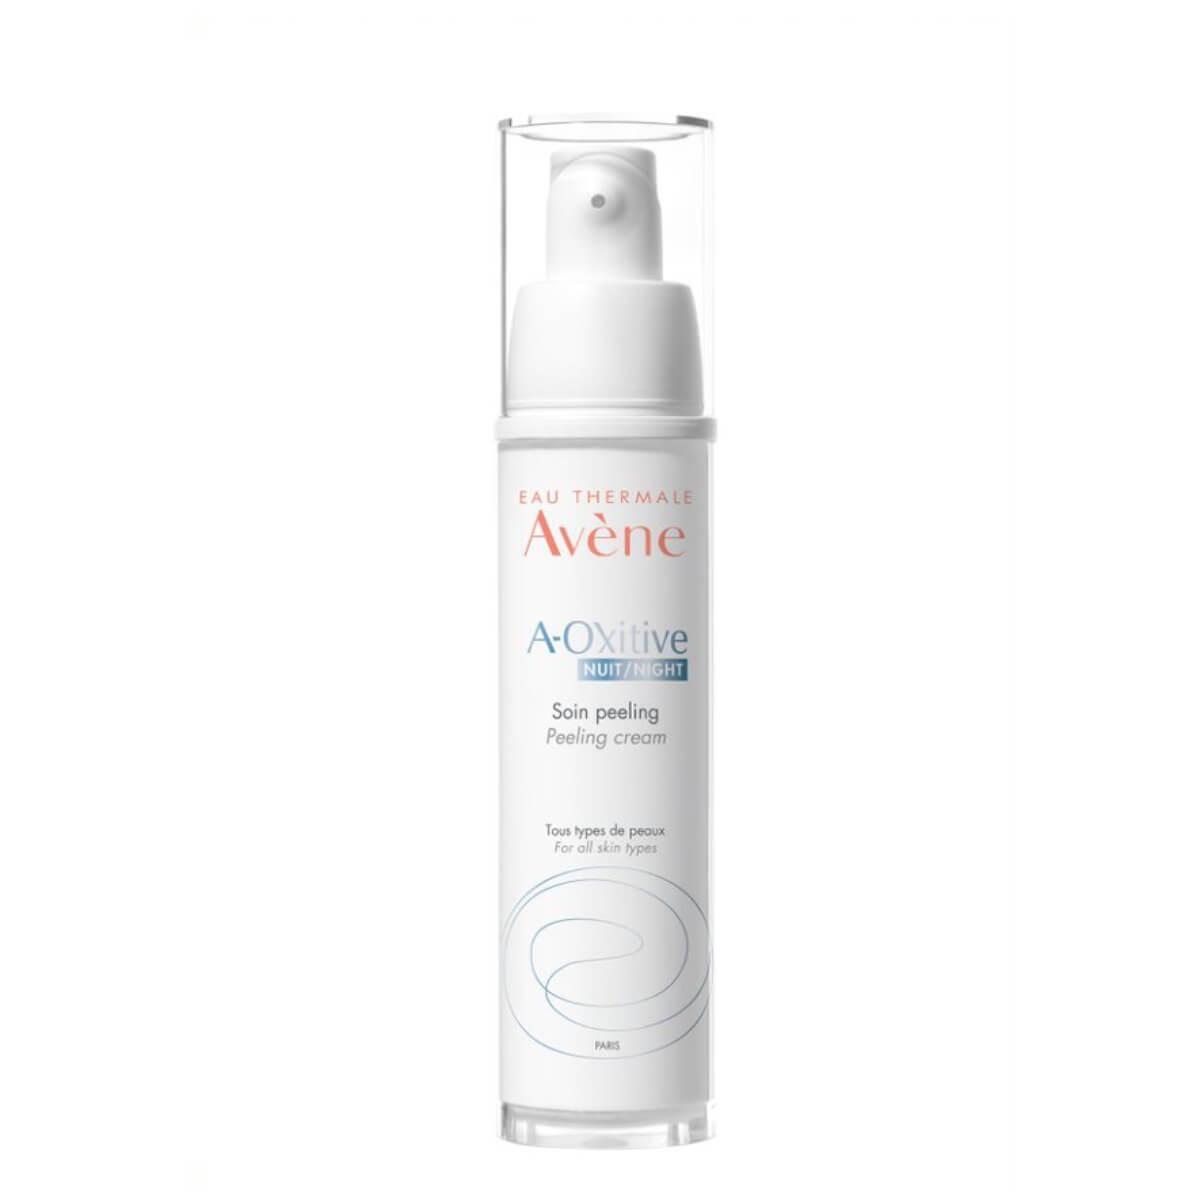 Creme Corretor Facial Avène A-Oxitive Noite com 30ml 30ml